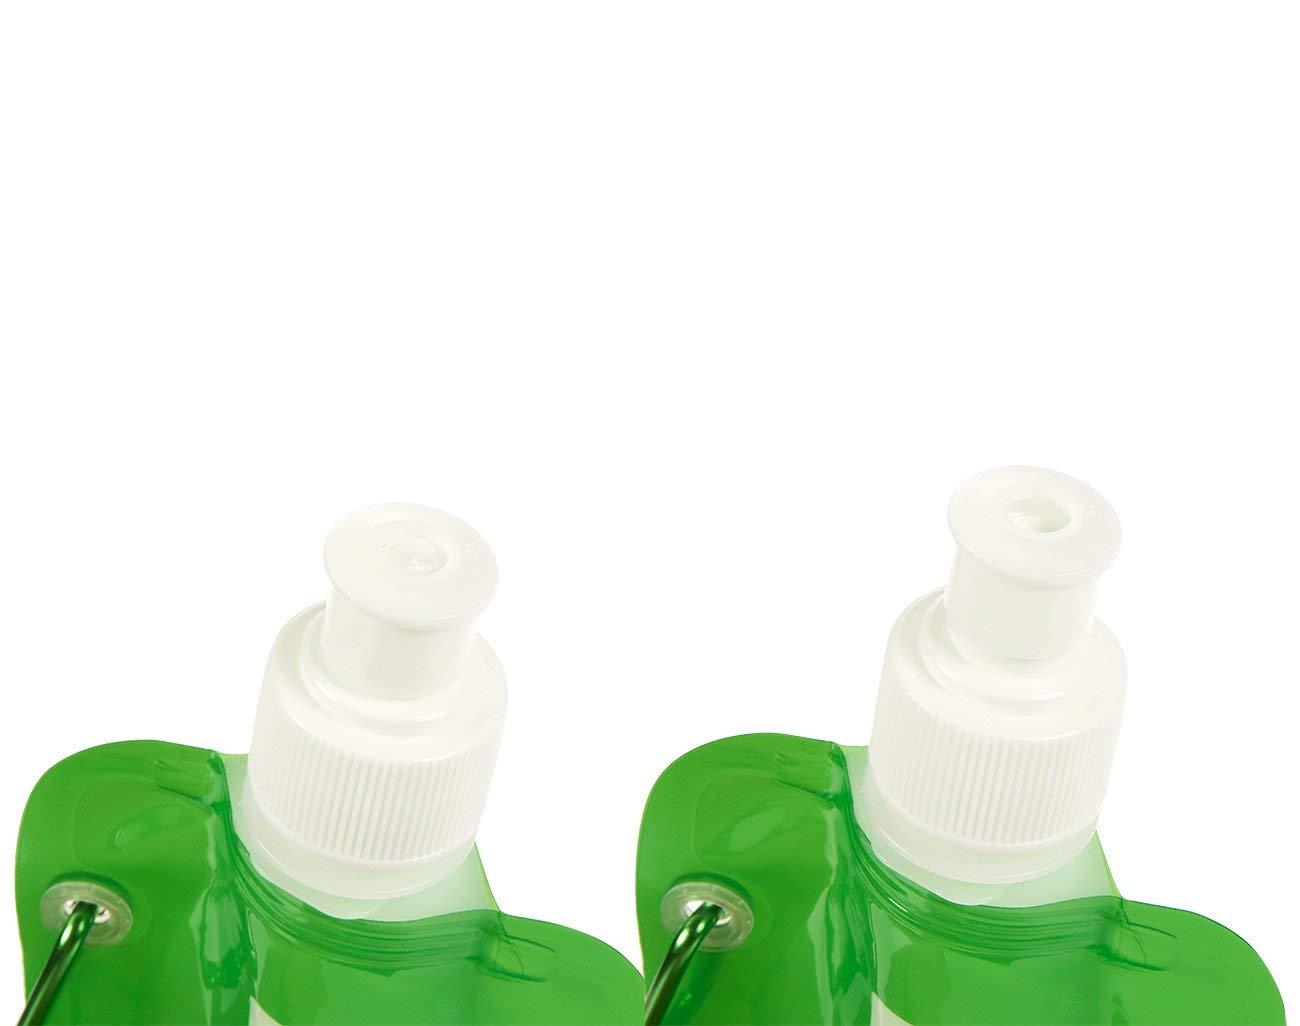 /Cantimplora con mosquet/ón para viajes verde /6/unidades 16/oz plegable sin BPA botellas de Canteen/ Juvale Plegable botella de agua/